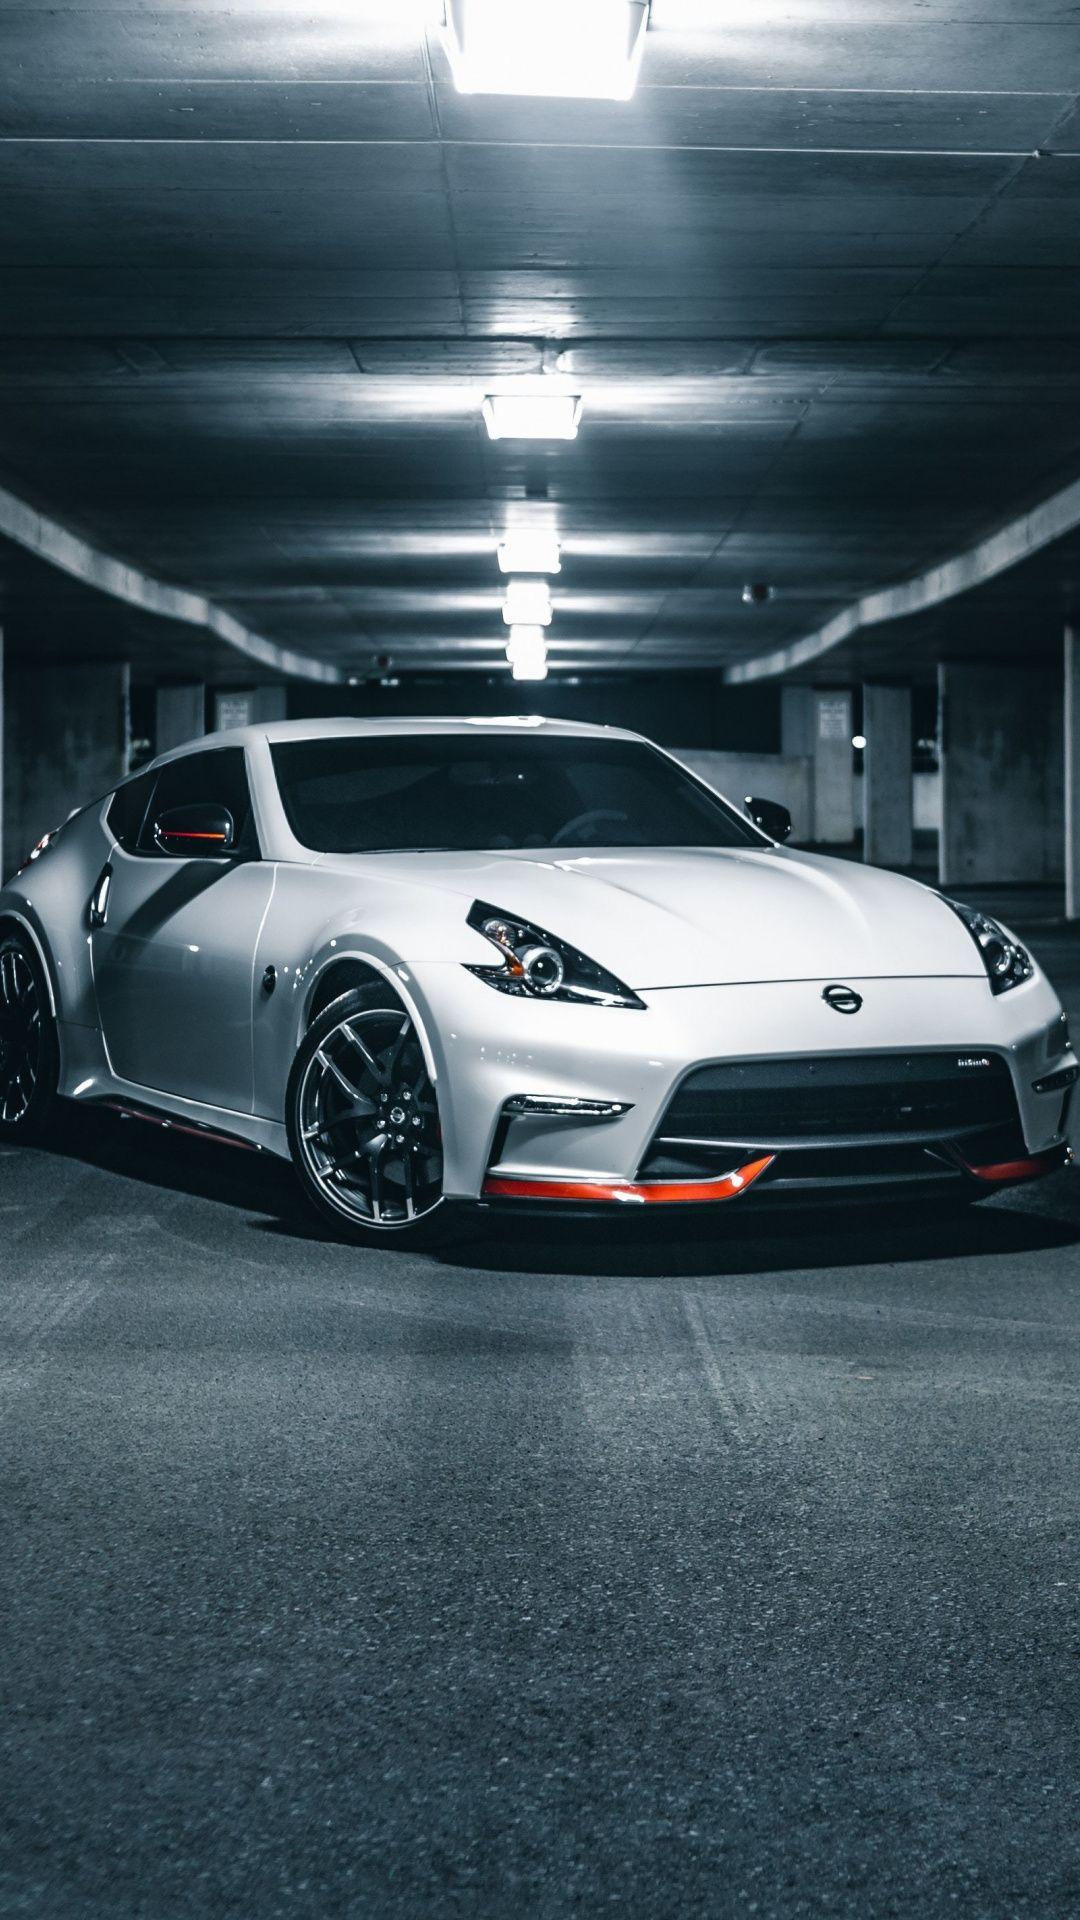 White Nissan Gt R Basement 1080x1920 Wallpaper Nissan Gt Nissan Gt R Gtr